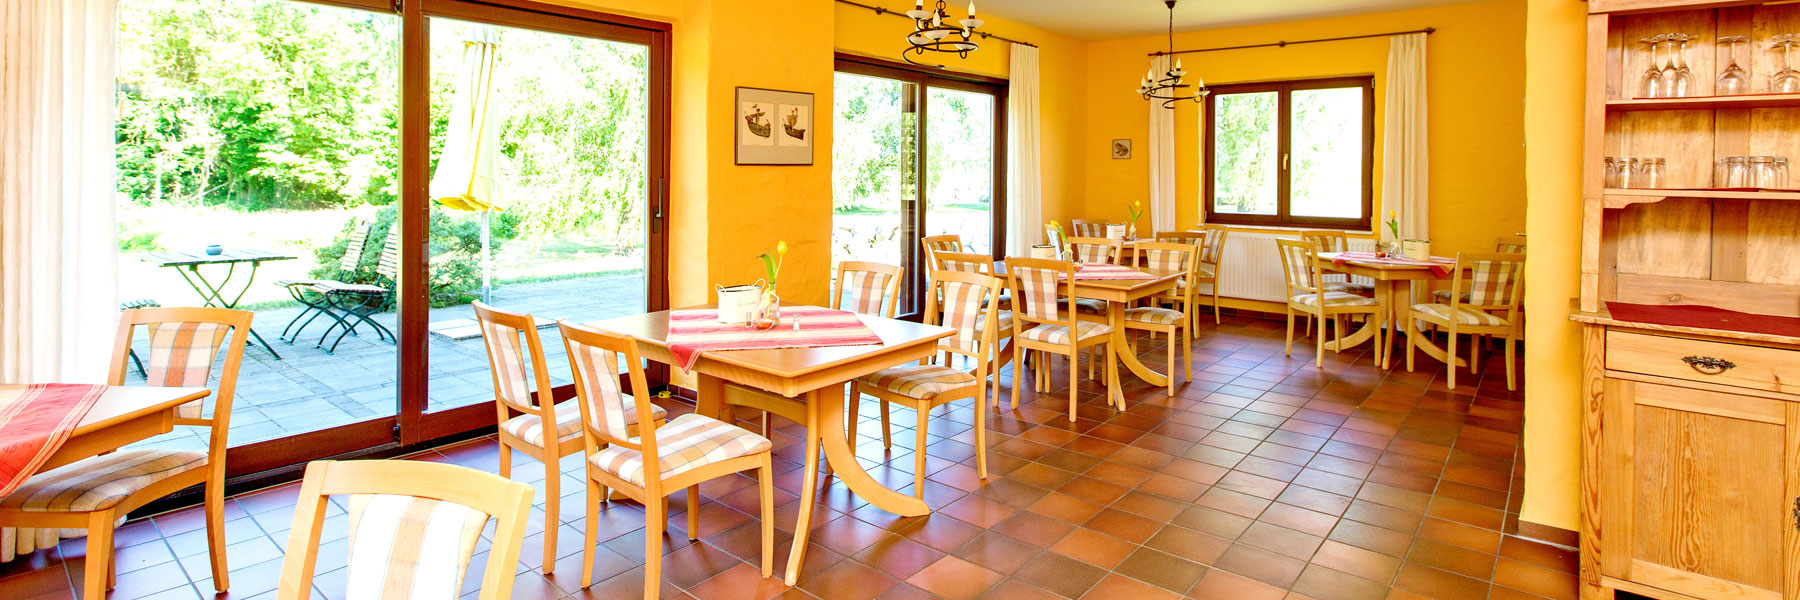 Frühstück - Gästehaus BärenHof